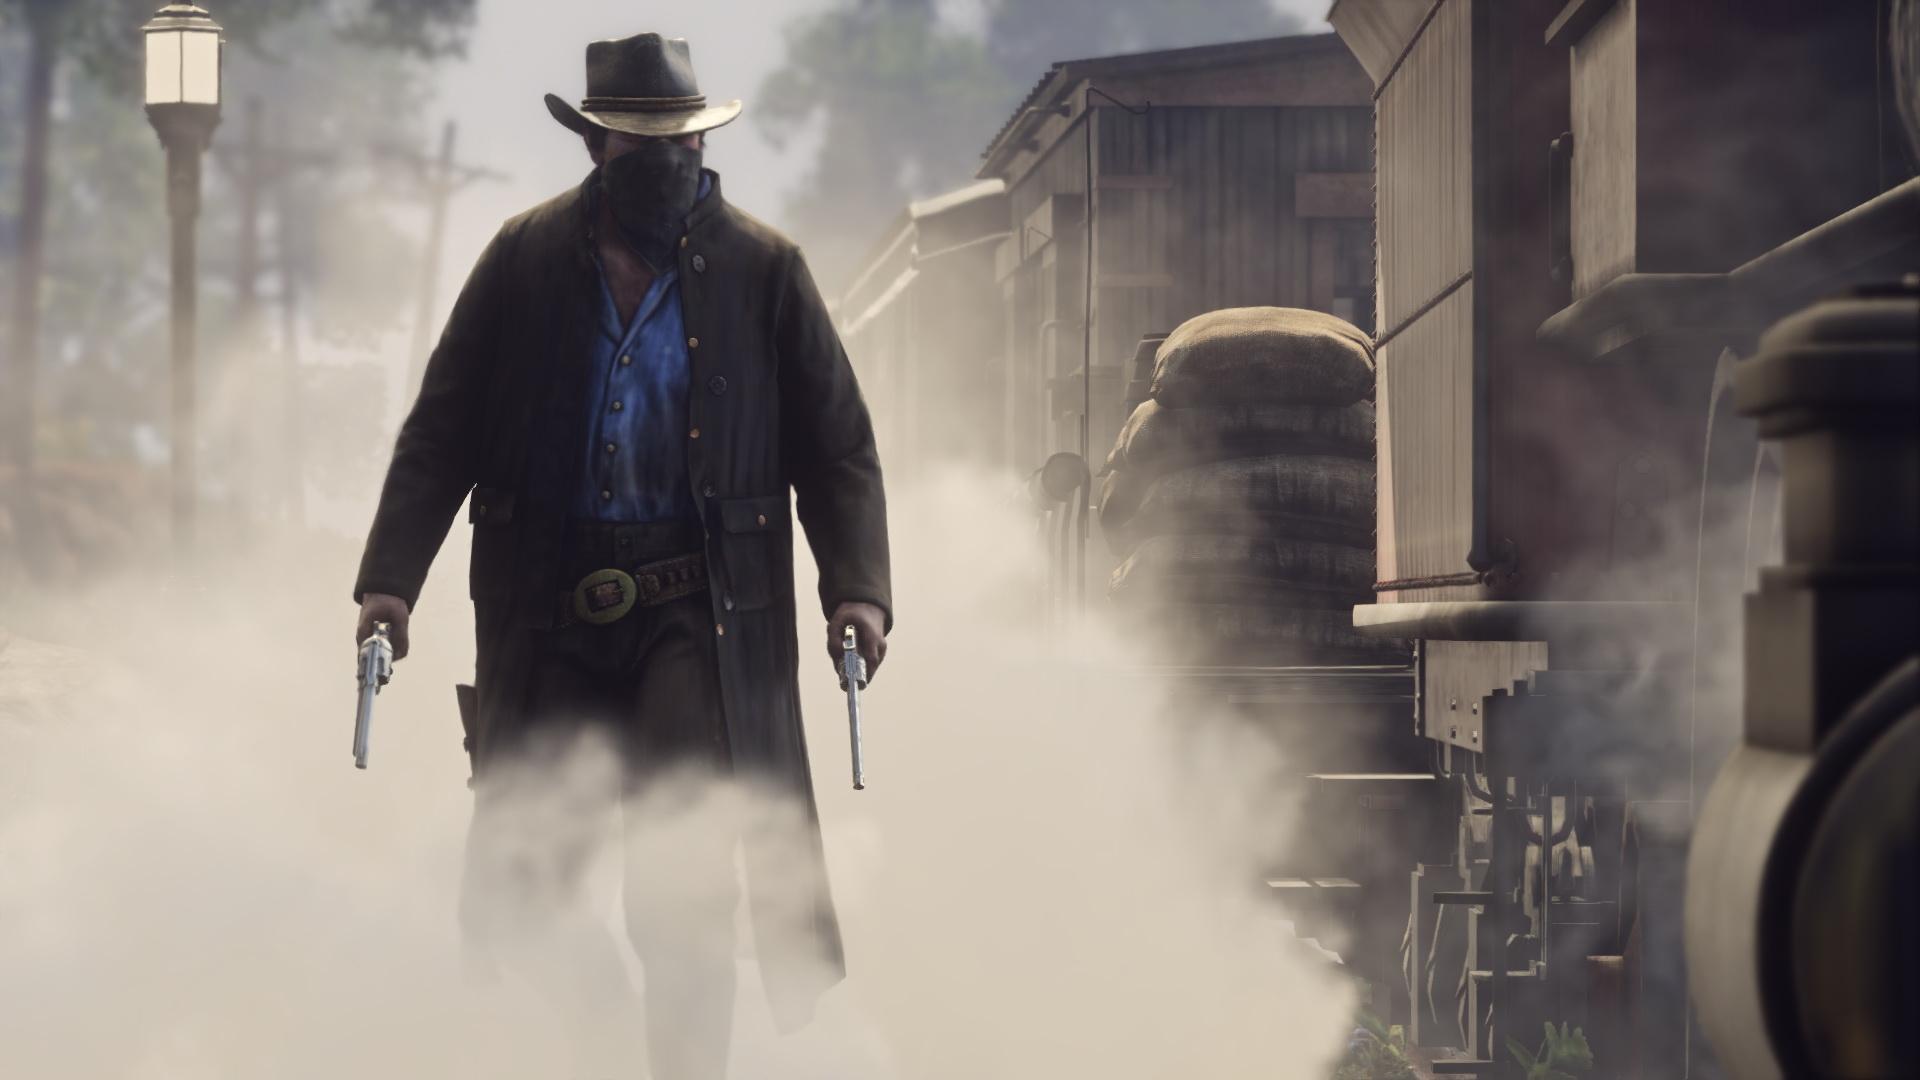 Warum Red Dead Redemption 2 für mich kein GOTY ist